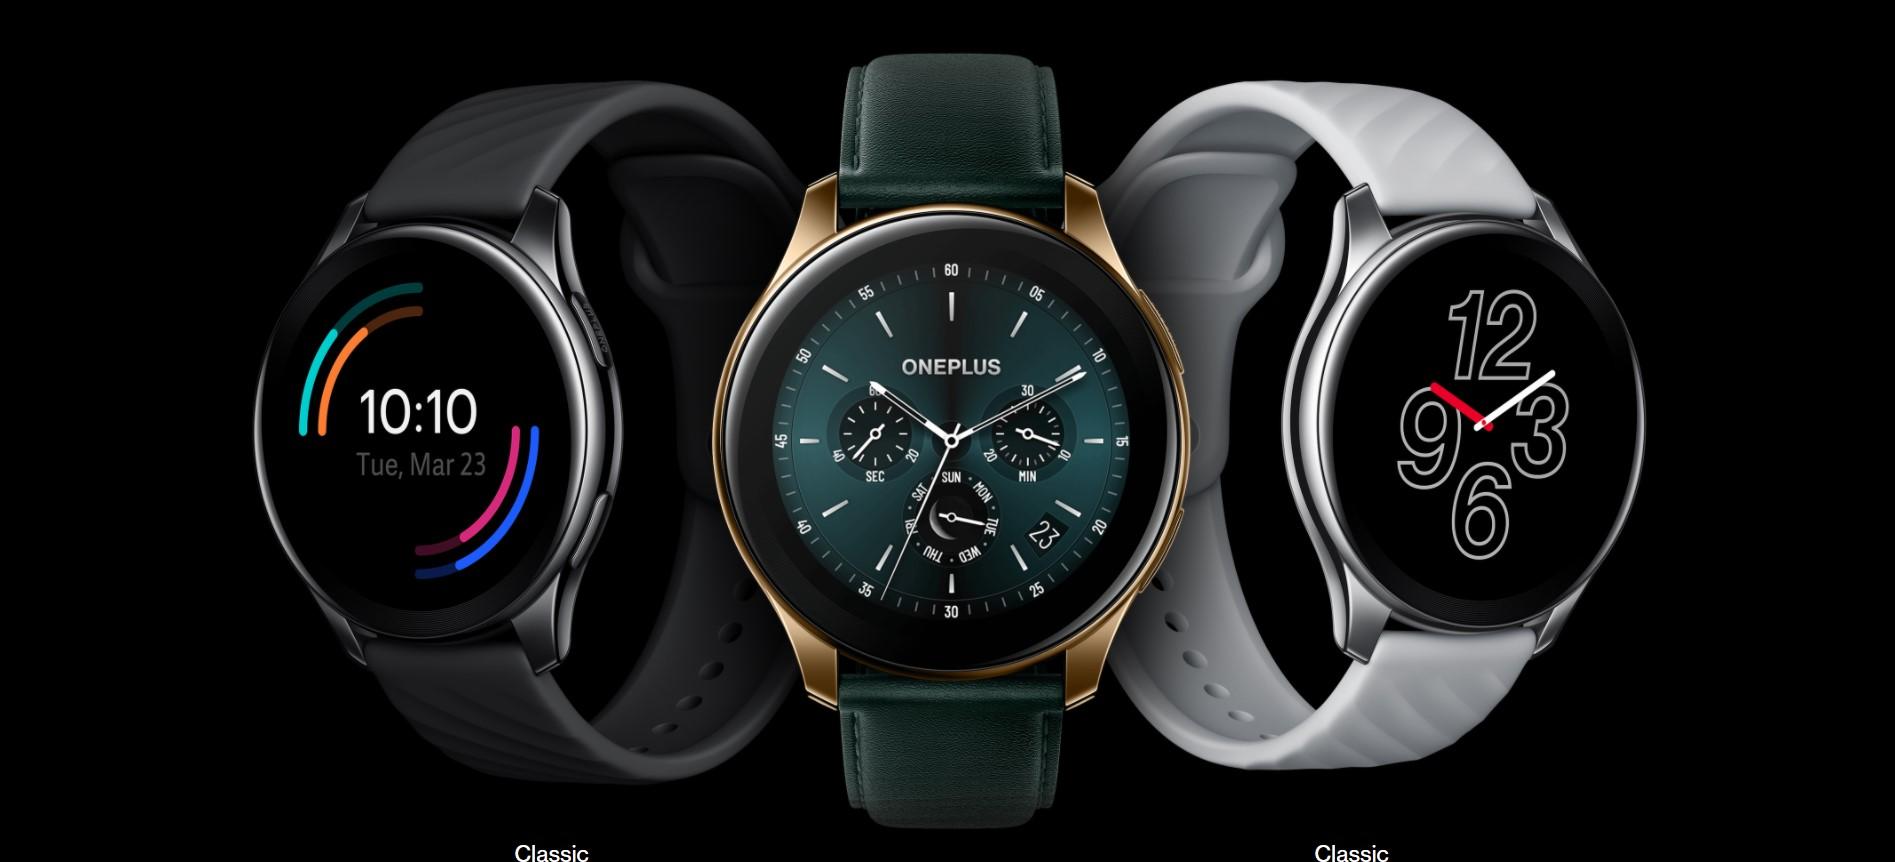 Puedes Adquirir el OnePlus Watch en 3 colores y diferentes